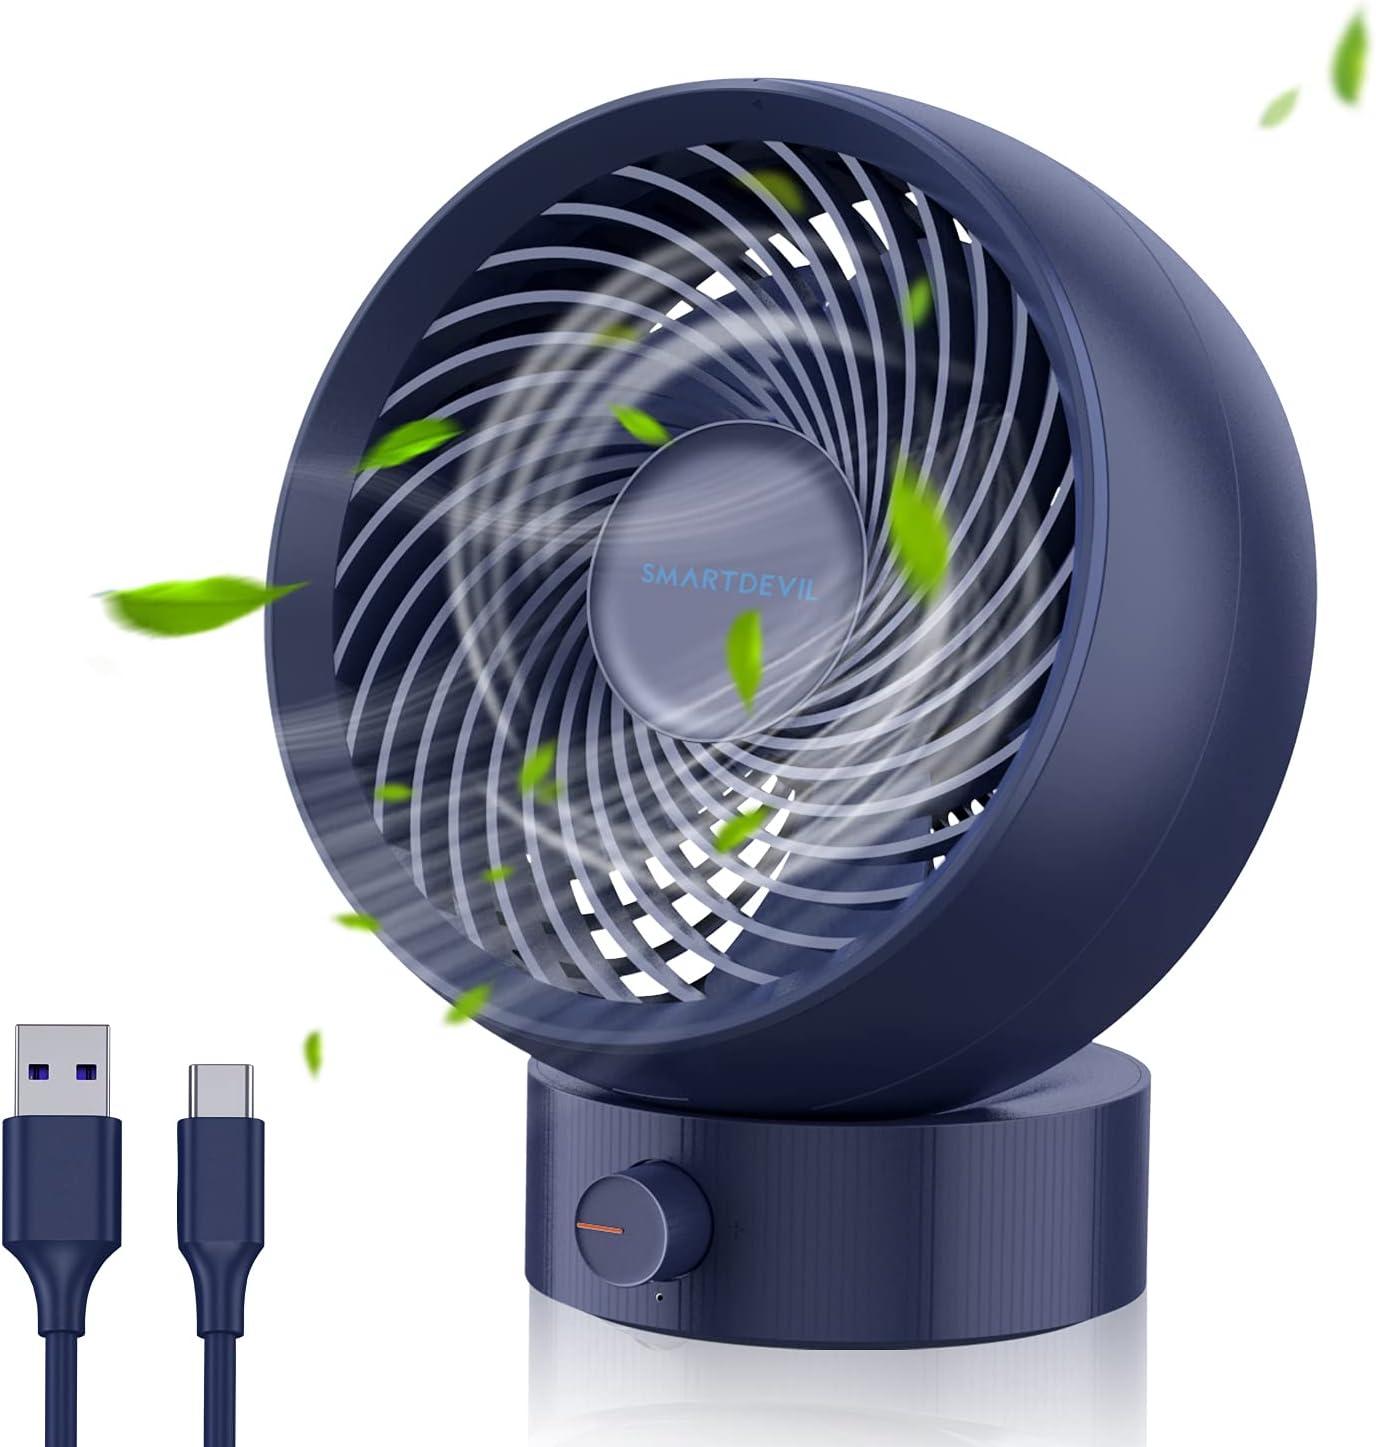 SmartDevil Ventilador Mesa,Ventilador USB Silencioso Portátil USB Ventilador de Escritorio portátil Mini,180° Velocidad Variable&Ángulo de rotación de 20°,Adecuado para el hogar,la Oficina-Azul